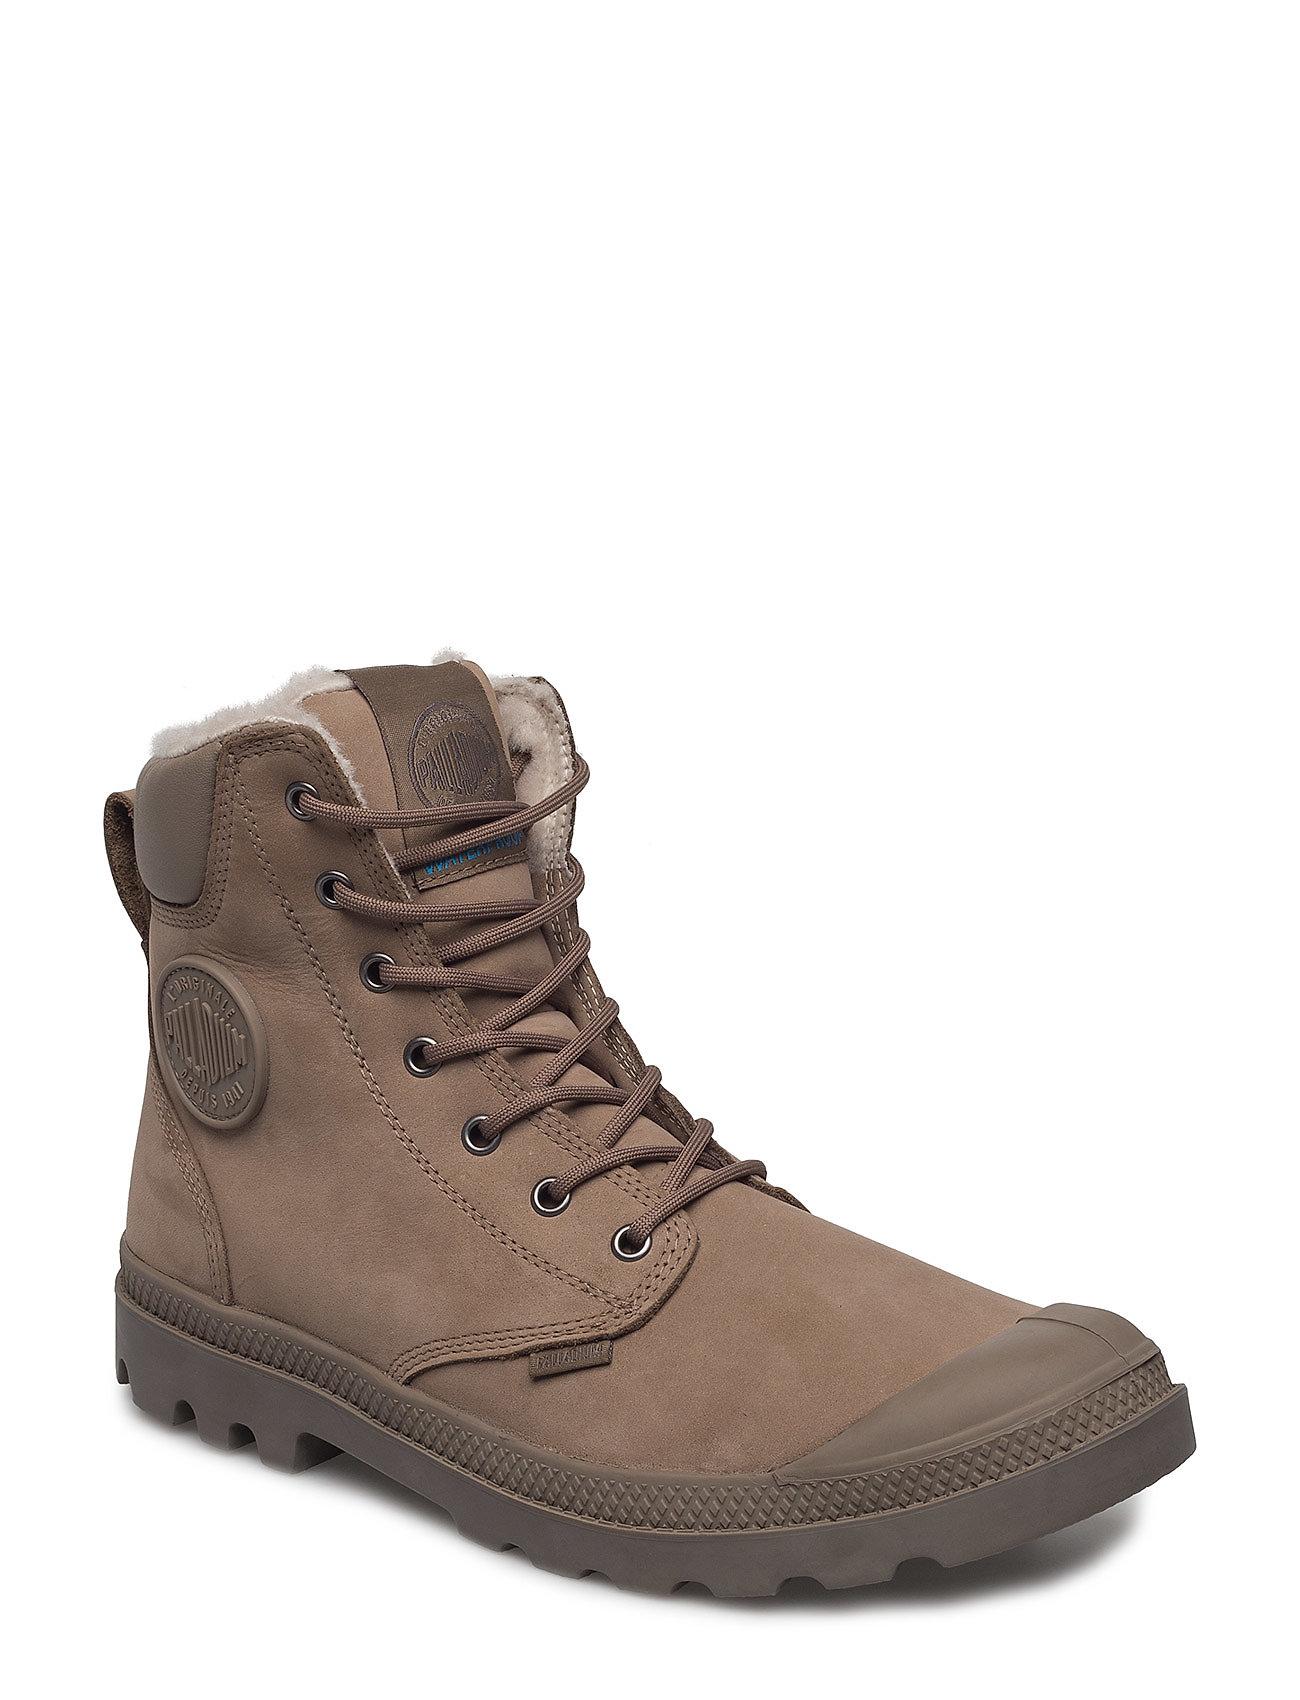 cf0937e38f7 Sport Cuff Wps støvler fra Palladium til herre i SAFARI - Pashion.dk